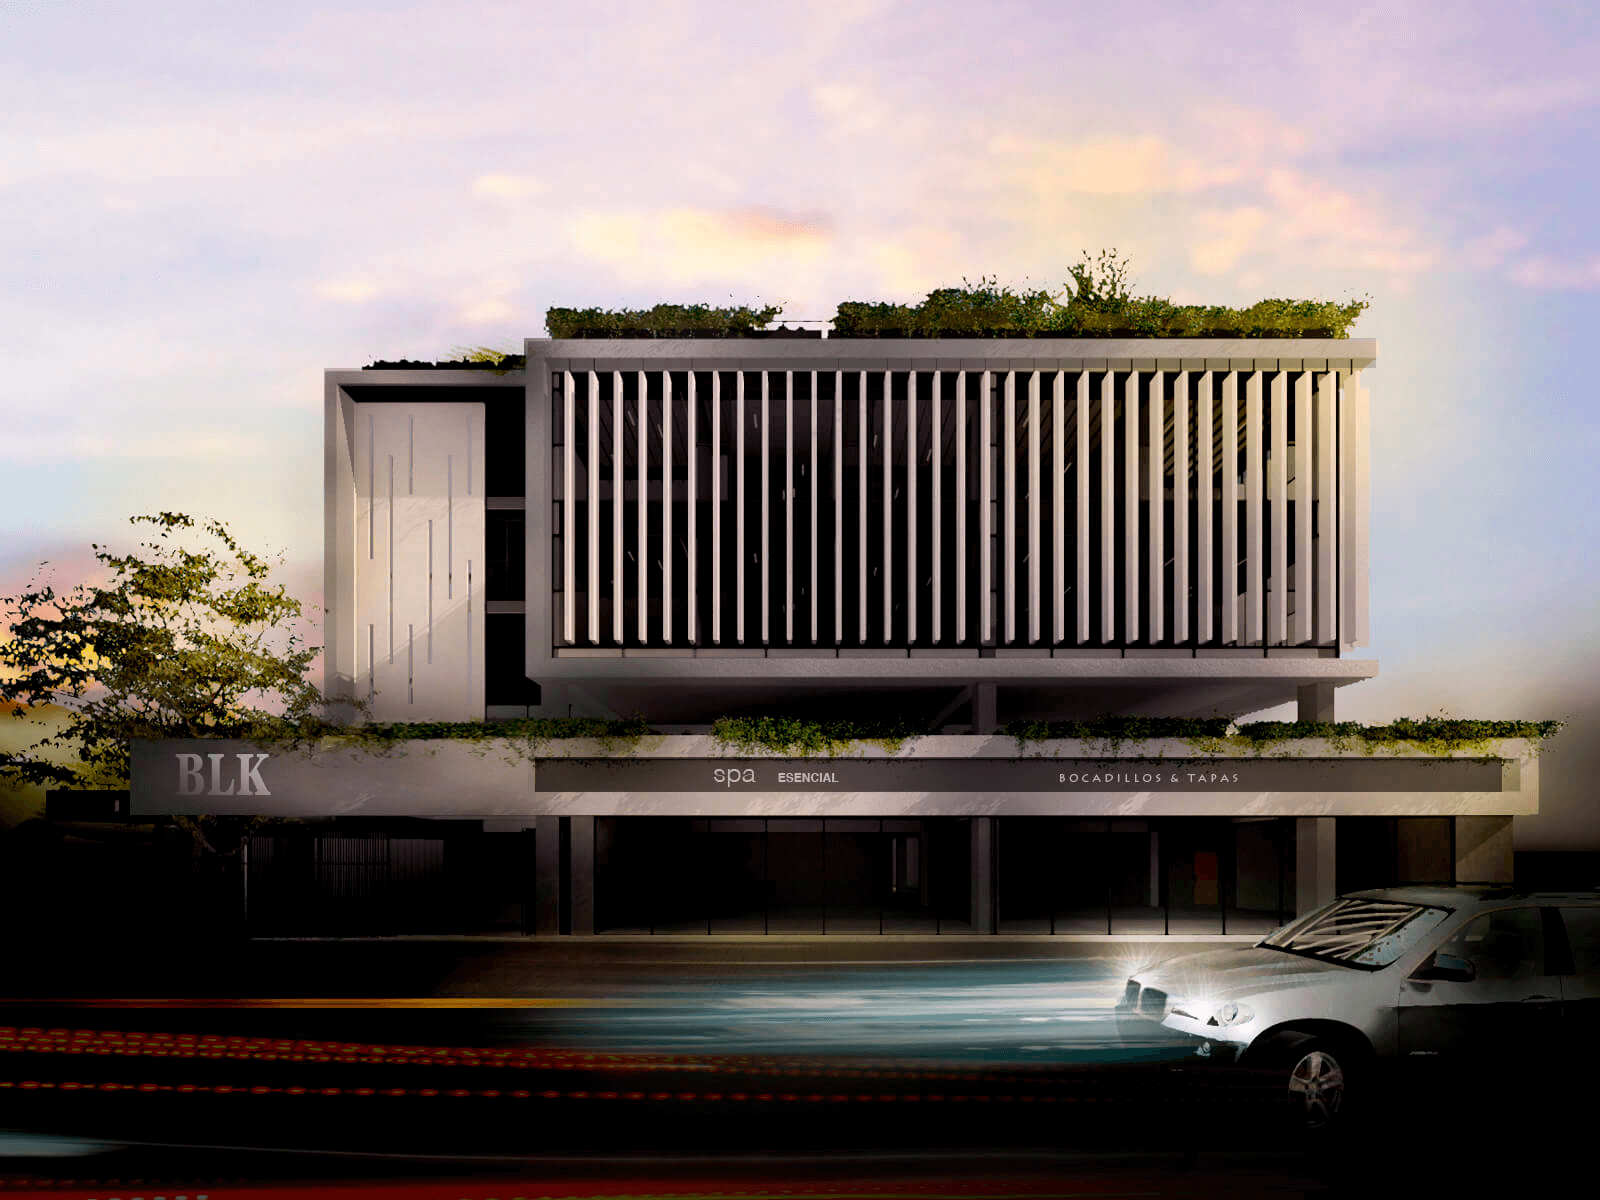 Black centro de negocios renta de oficinas premium en for Renta de oficinas amuebladas